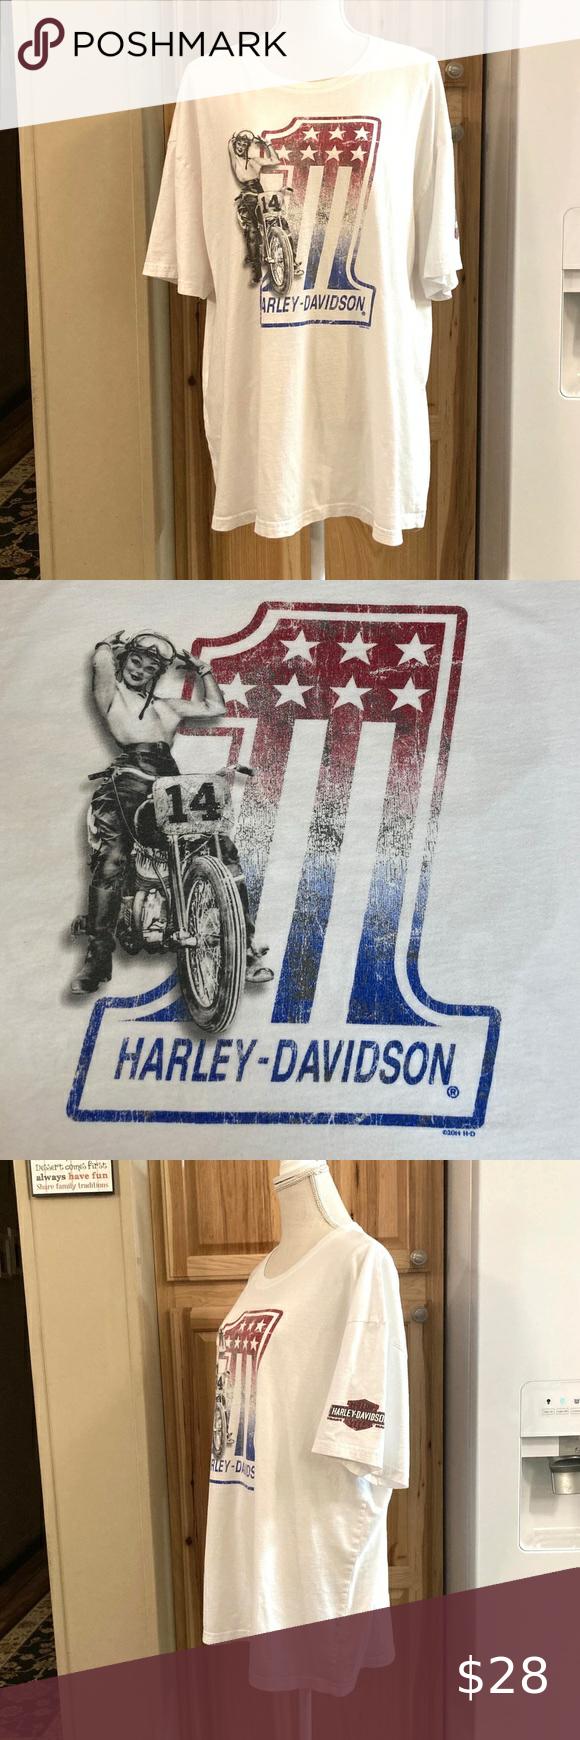 Harley Davidson Graphic Tee Harley Davidson T Shirts Harley Davidson Shirt Black Harley Davidson [ 1740 x 580 Pixel ]